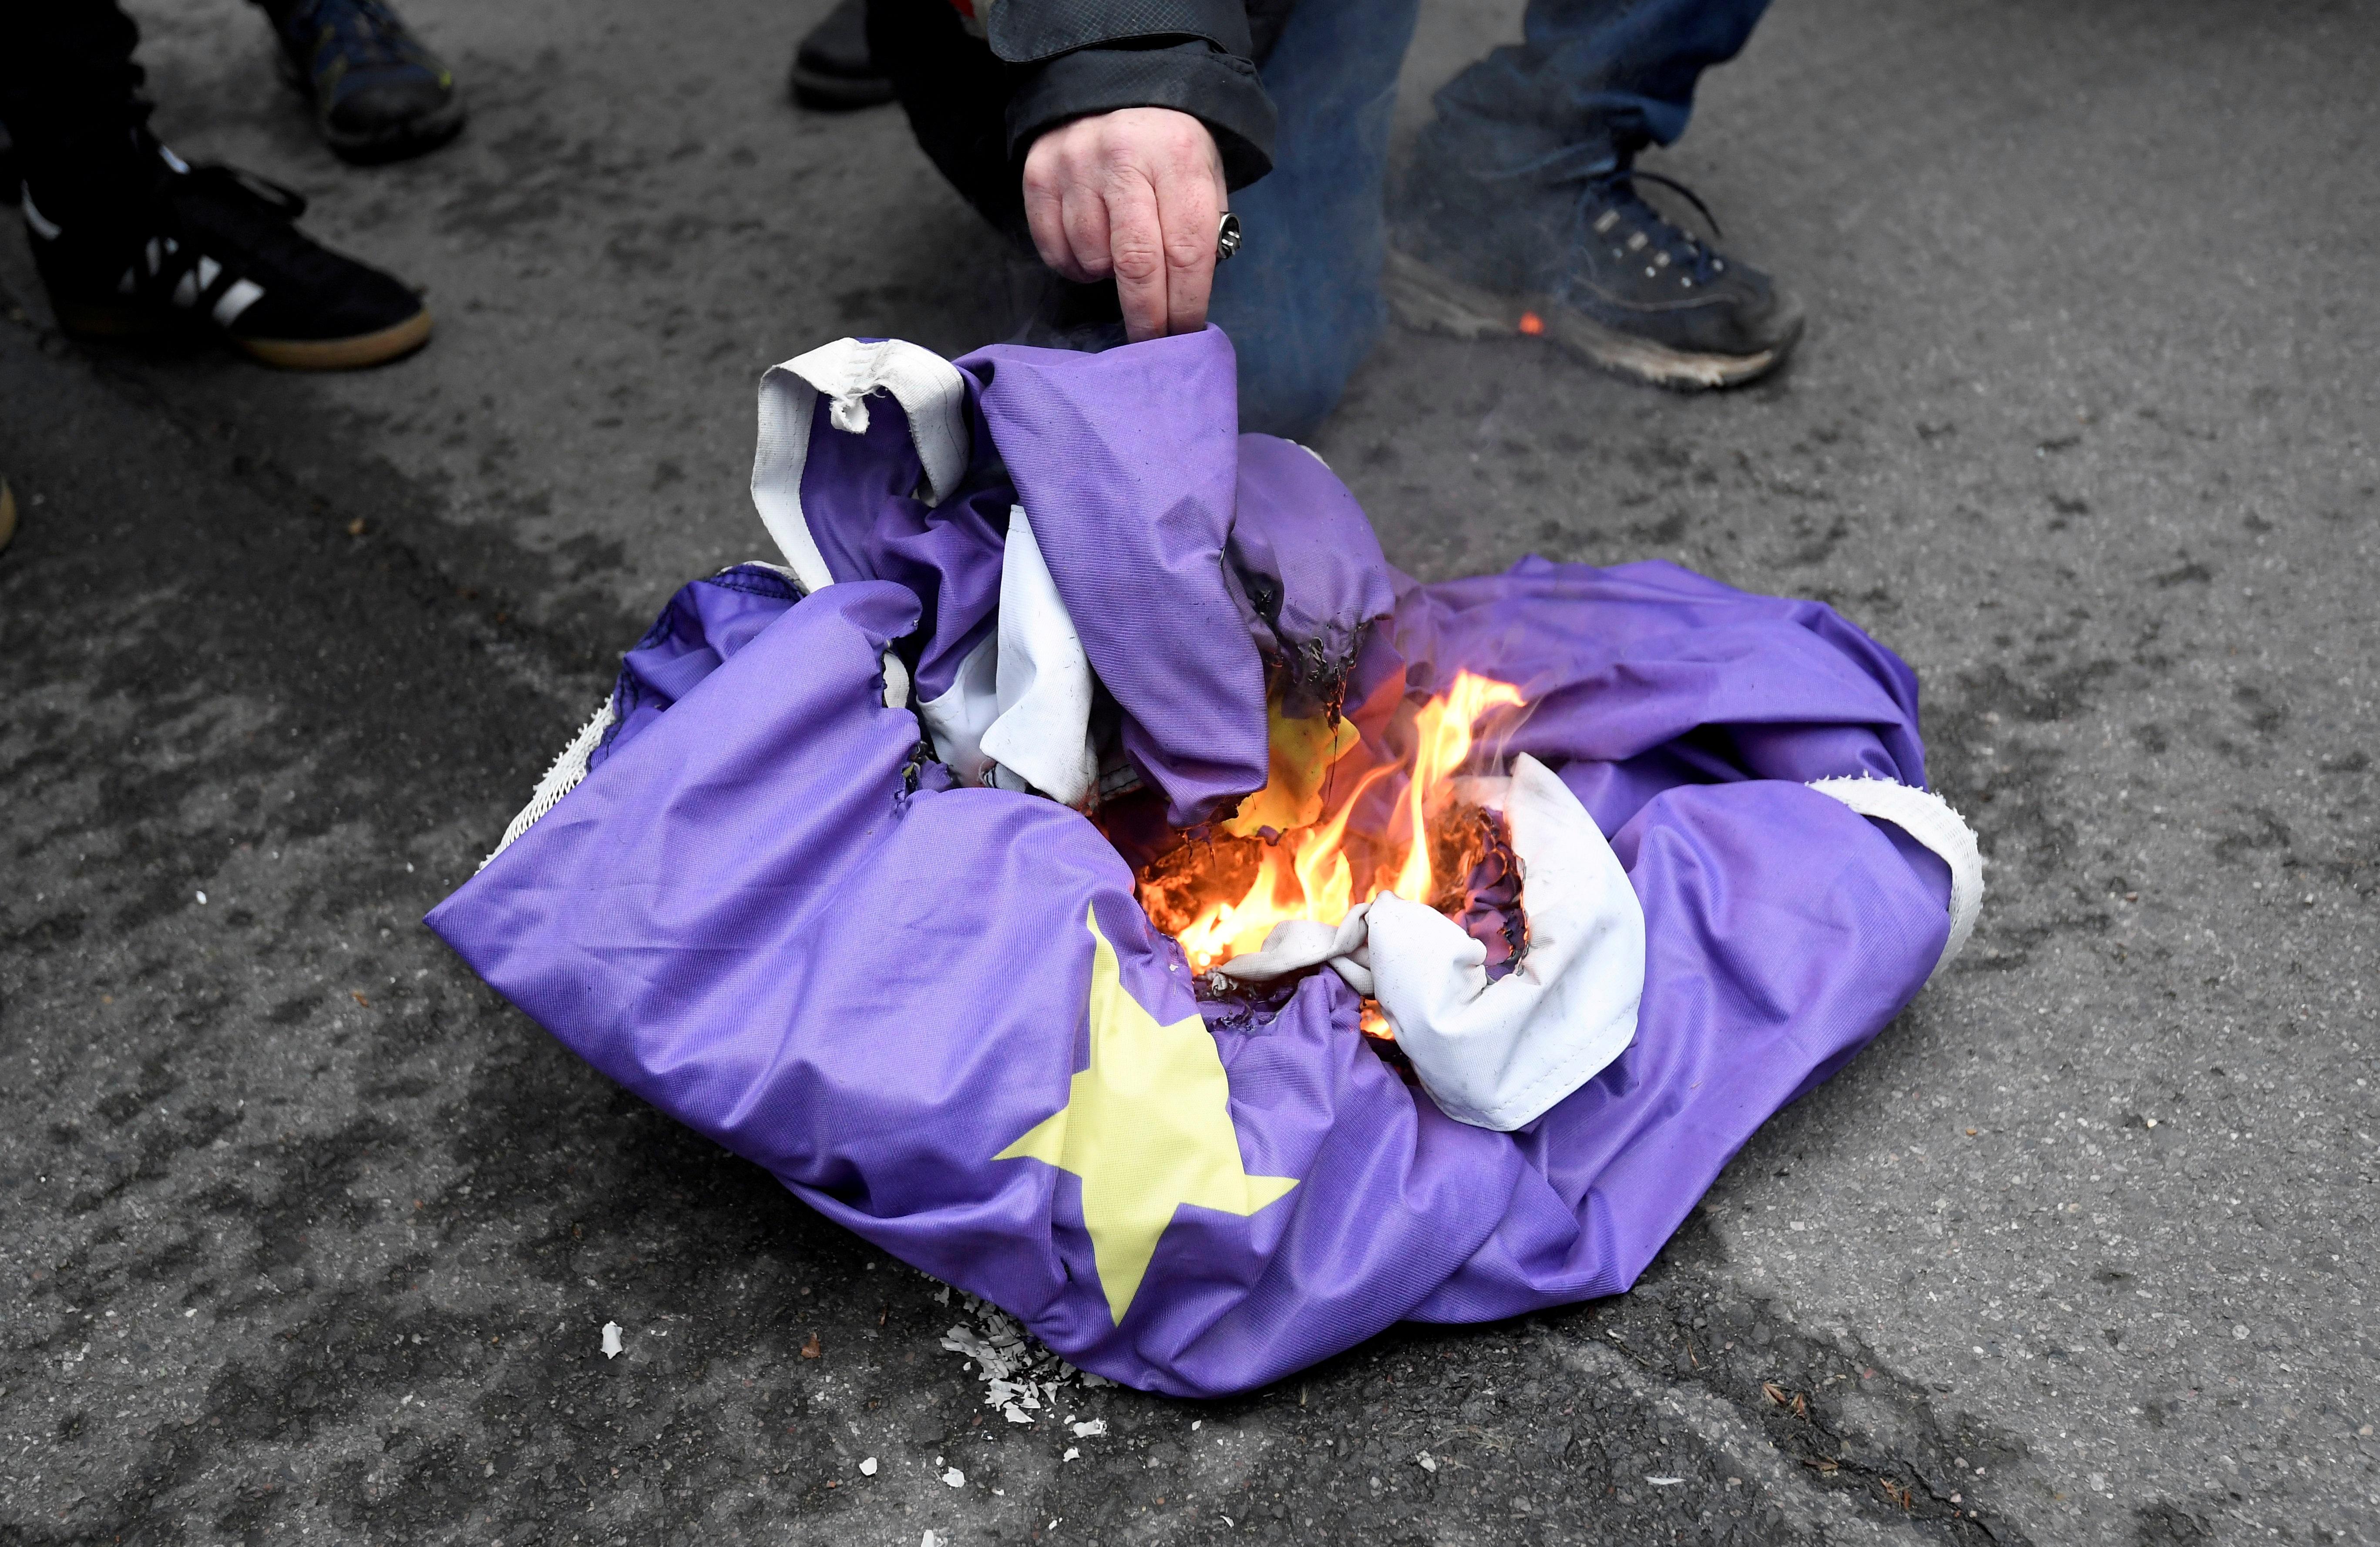 Οπαδός του Brexit έκαψε τη σημαία της Ευρωπαϊκής Ένωσης μπροστά στην πρωθυπουργική κατοικία